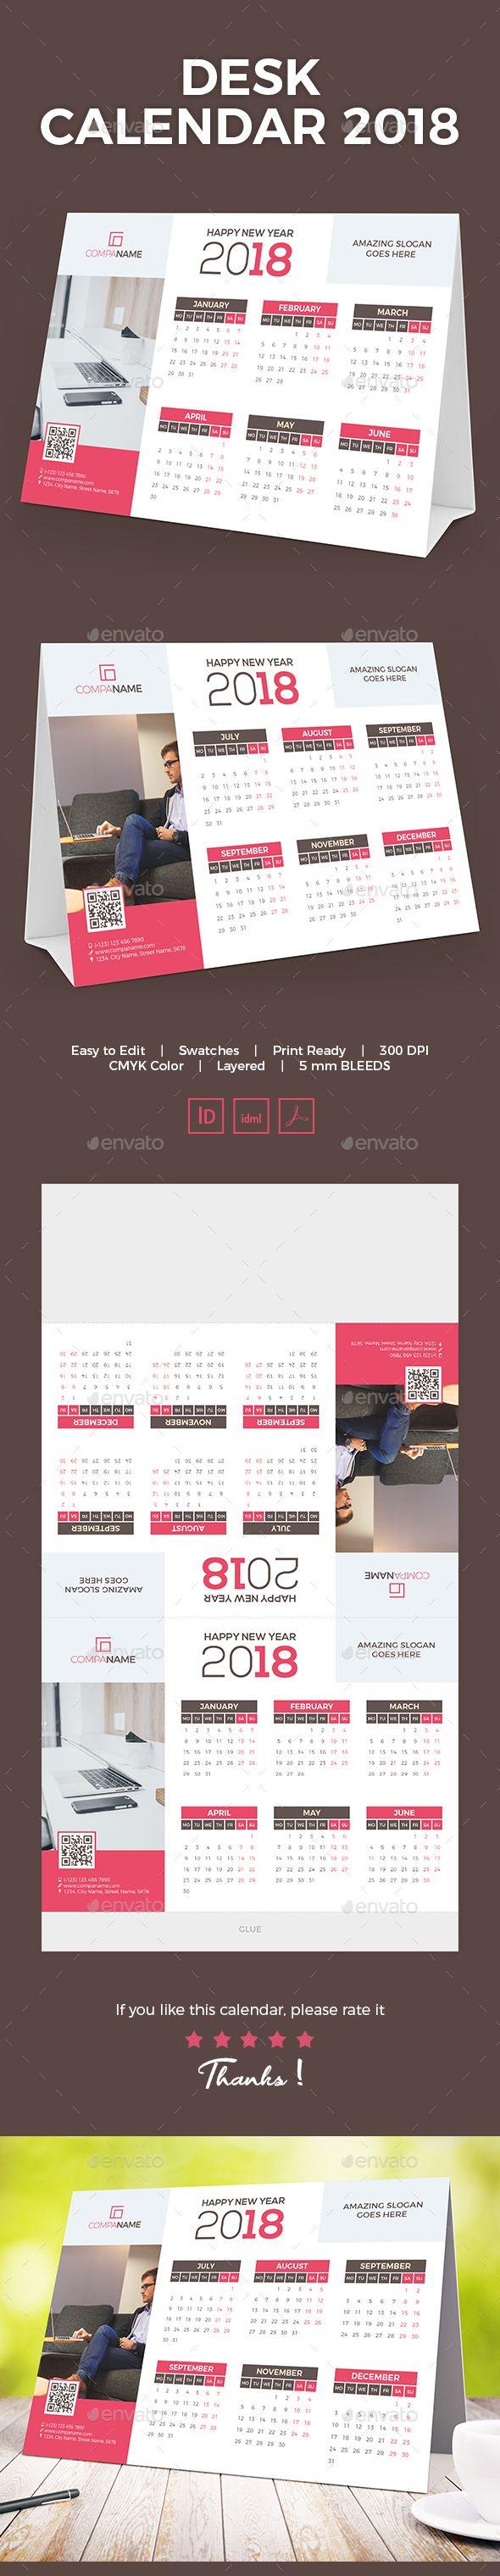 Desk Calendar 2018 - Calendars Stationery #calendars #stationery #DeskCalendar #graphicriver #Design #Desk